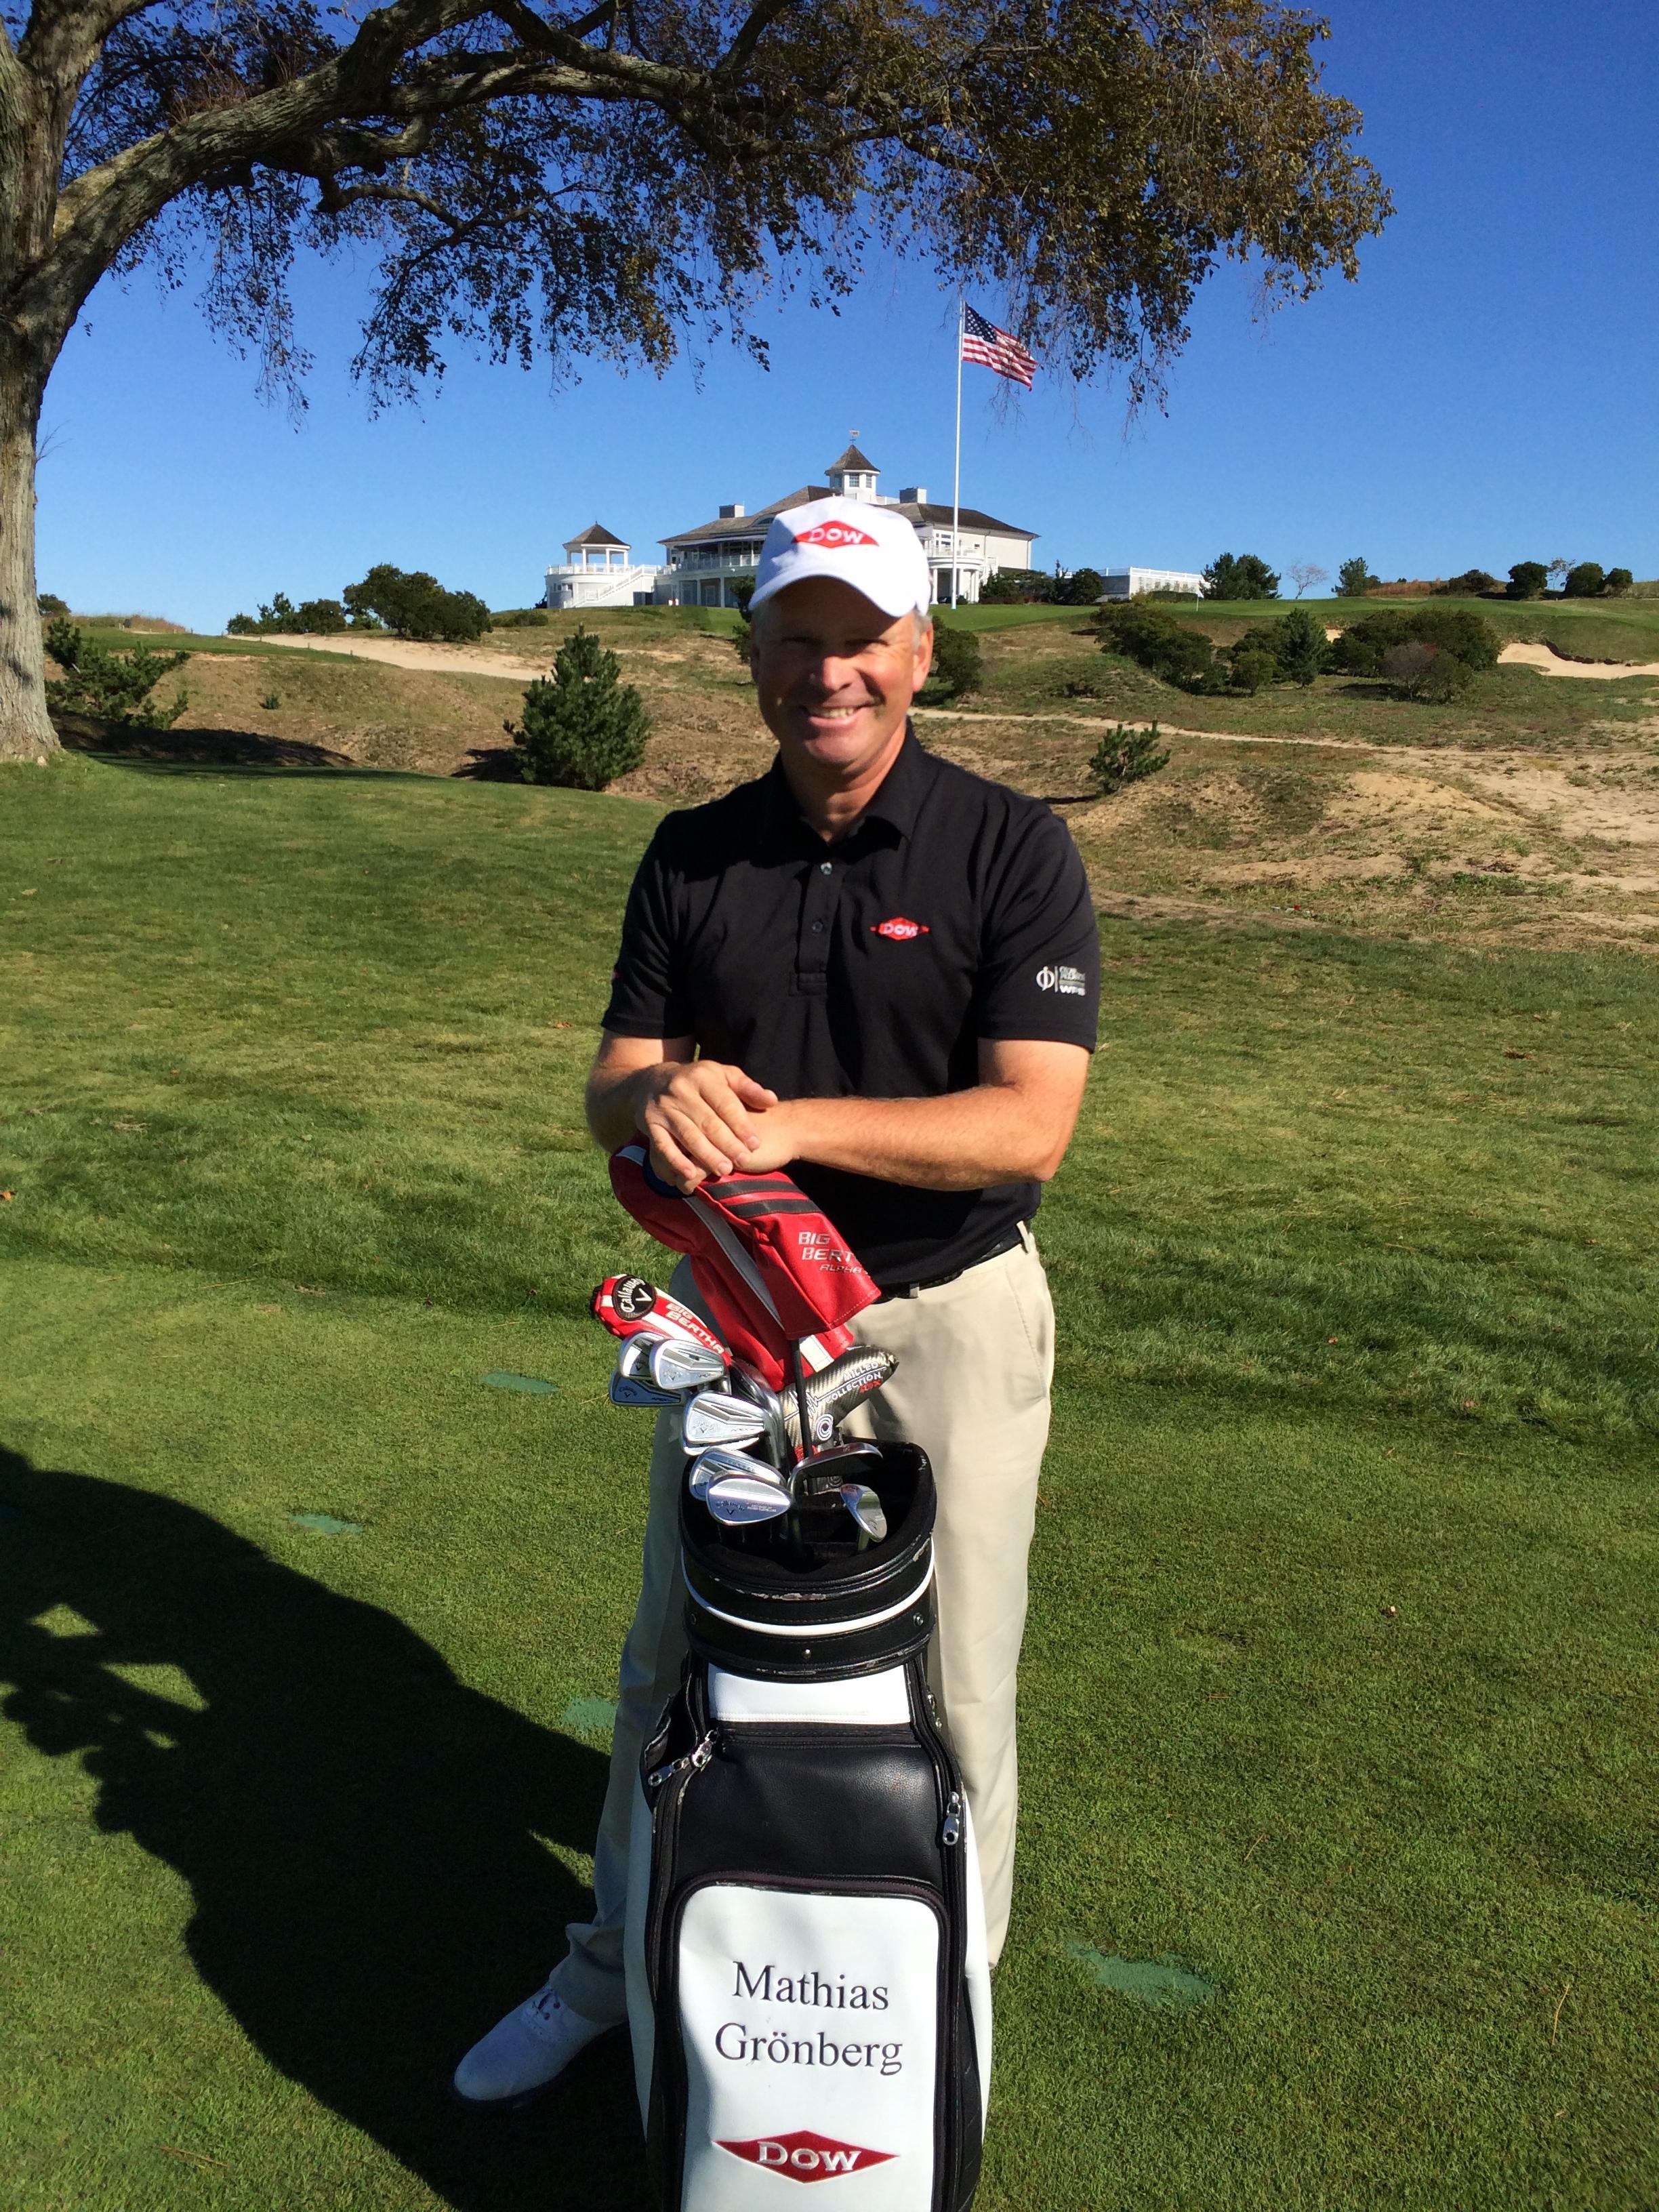 Mathias Gronberg - European Tour & PGA Tour